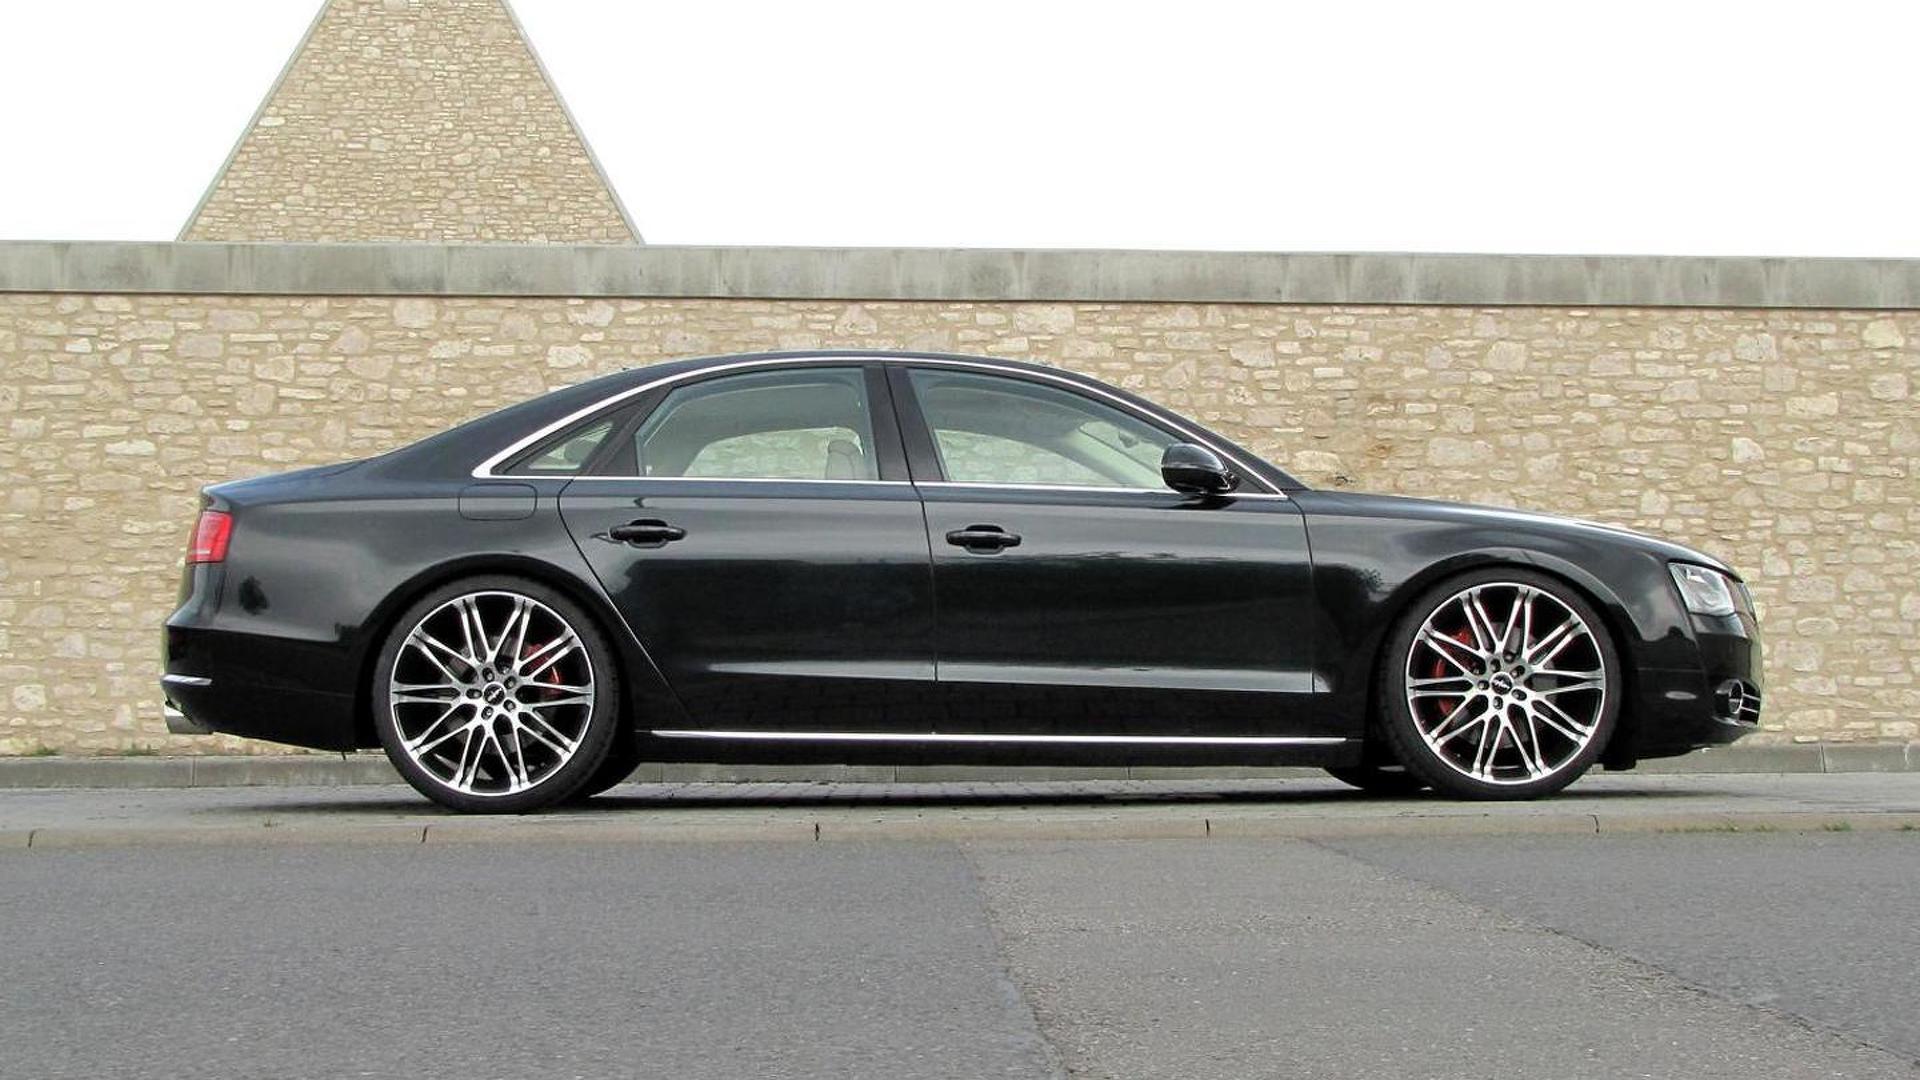 Седан Audi A8 4.2 V8 от Senner Tuning